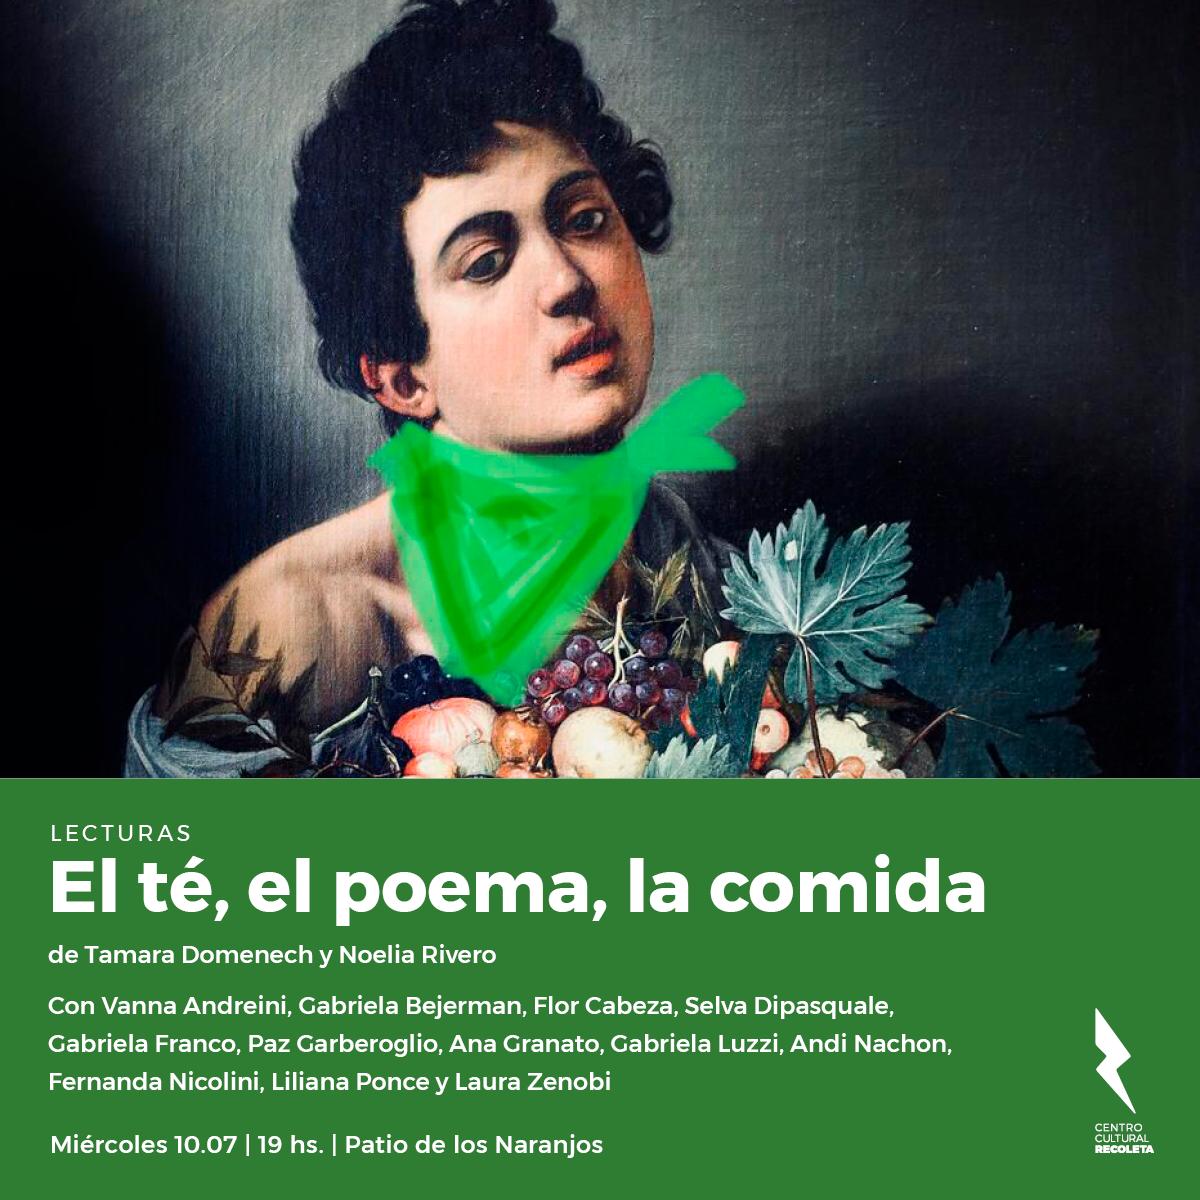 El té, el poema, la comida. Centro Cultural Recoleta. 2019.